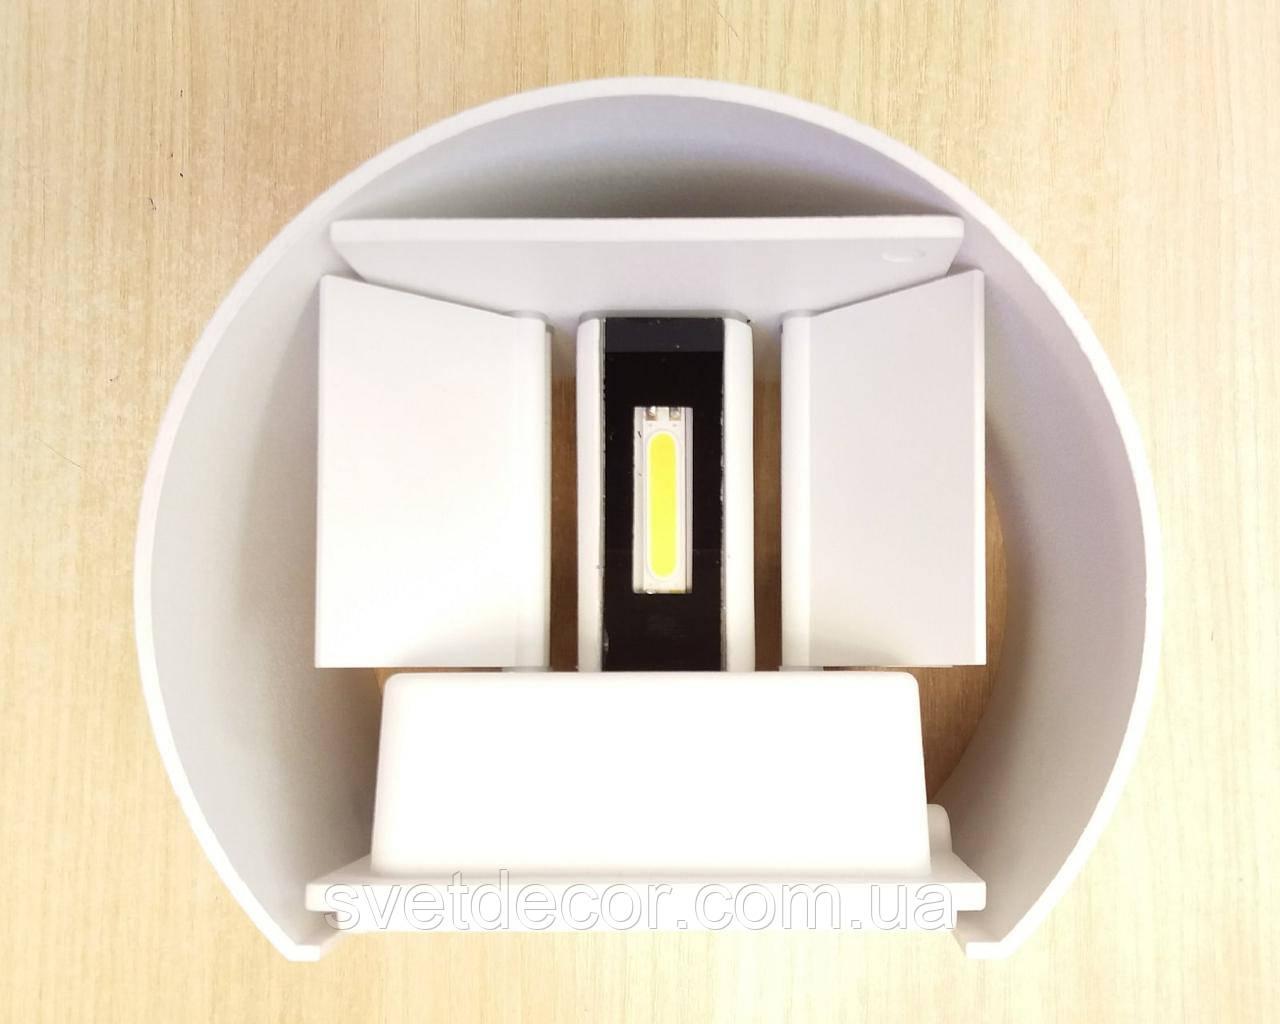 Архітектурний Світильник Feron DH013 LED 2*3W 4000K Настінний Білий